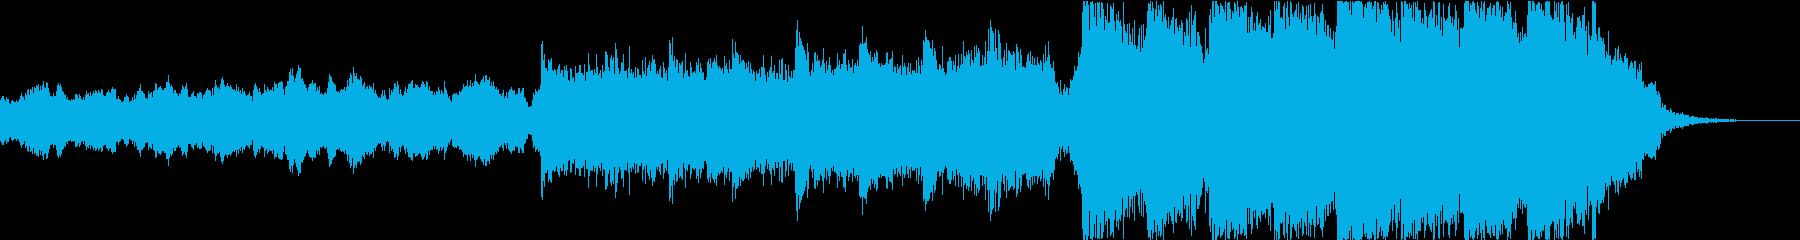 壮大・感動・トレーラー映画ゲーム向けの再生済みの波形